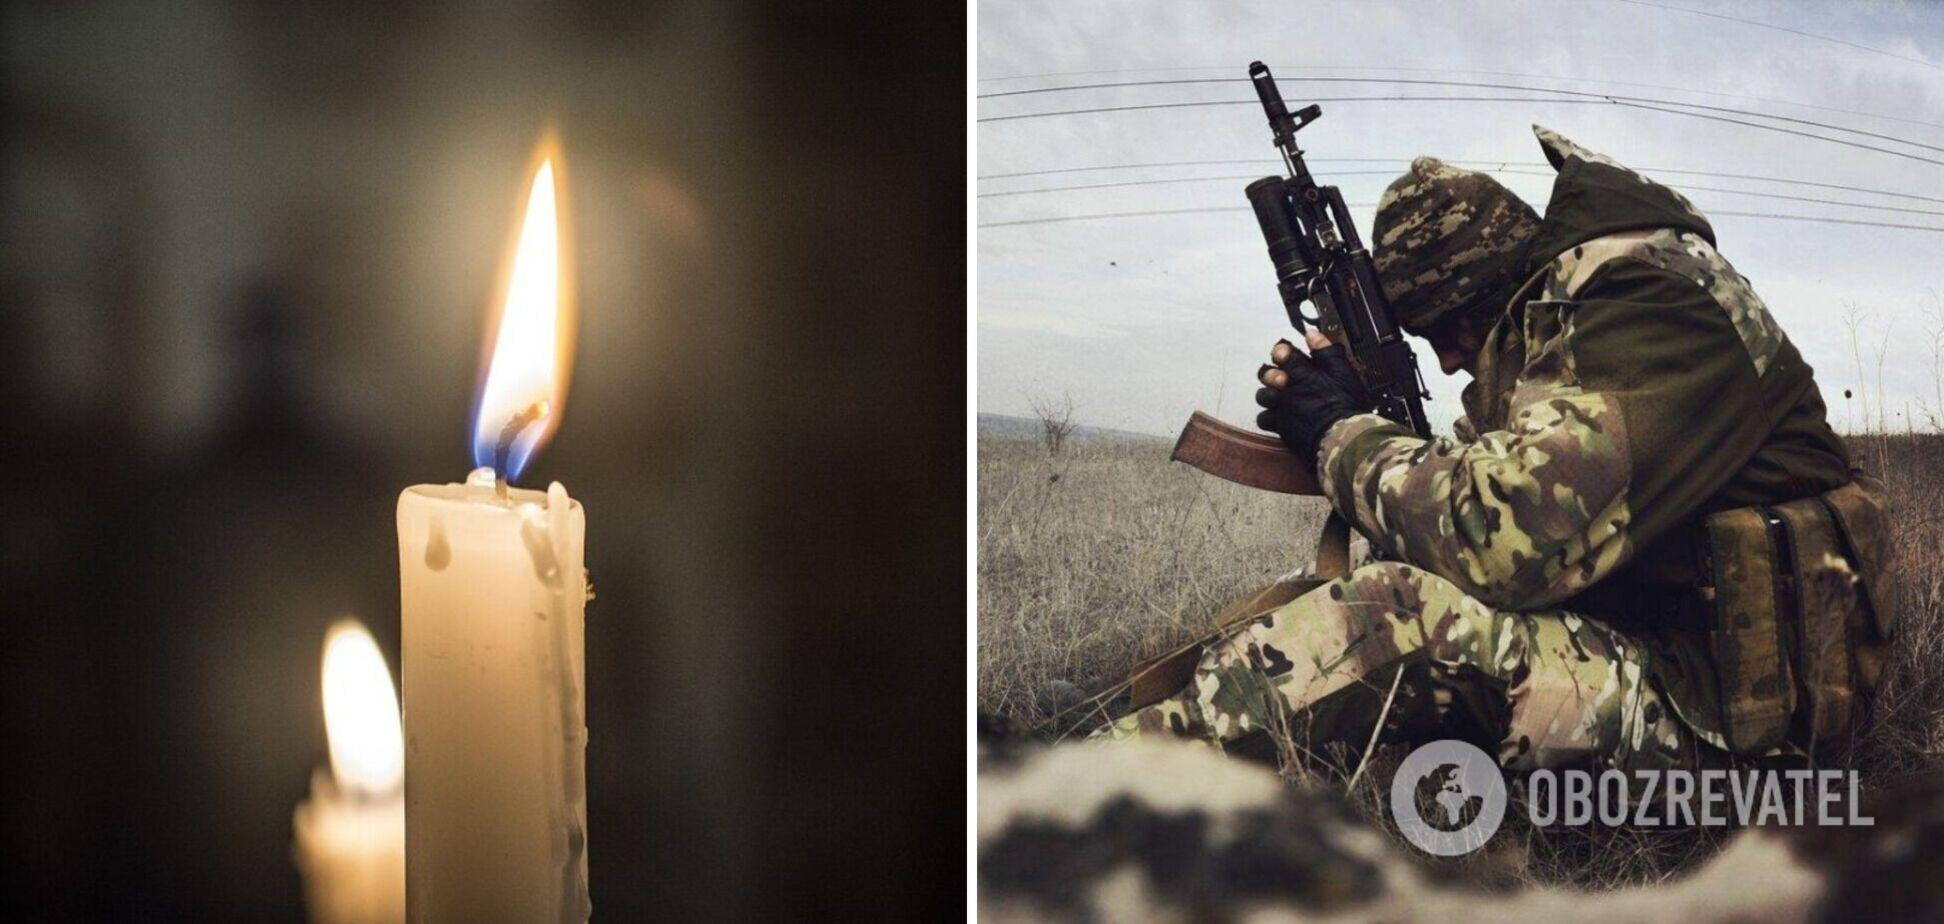 Стало известно имя воина, погибшего под прицельным огнем на Донбассе. Фото Героя